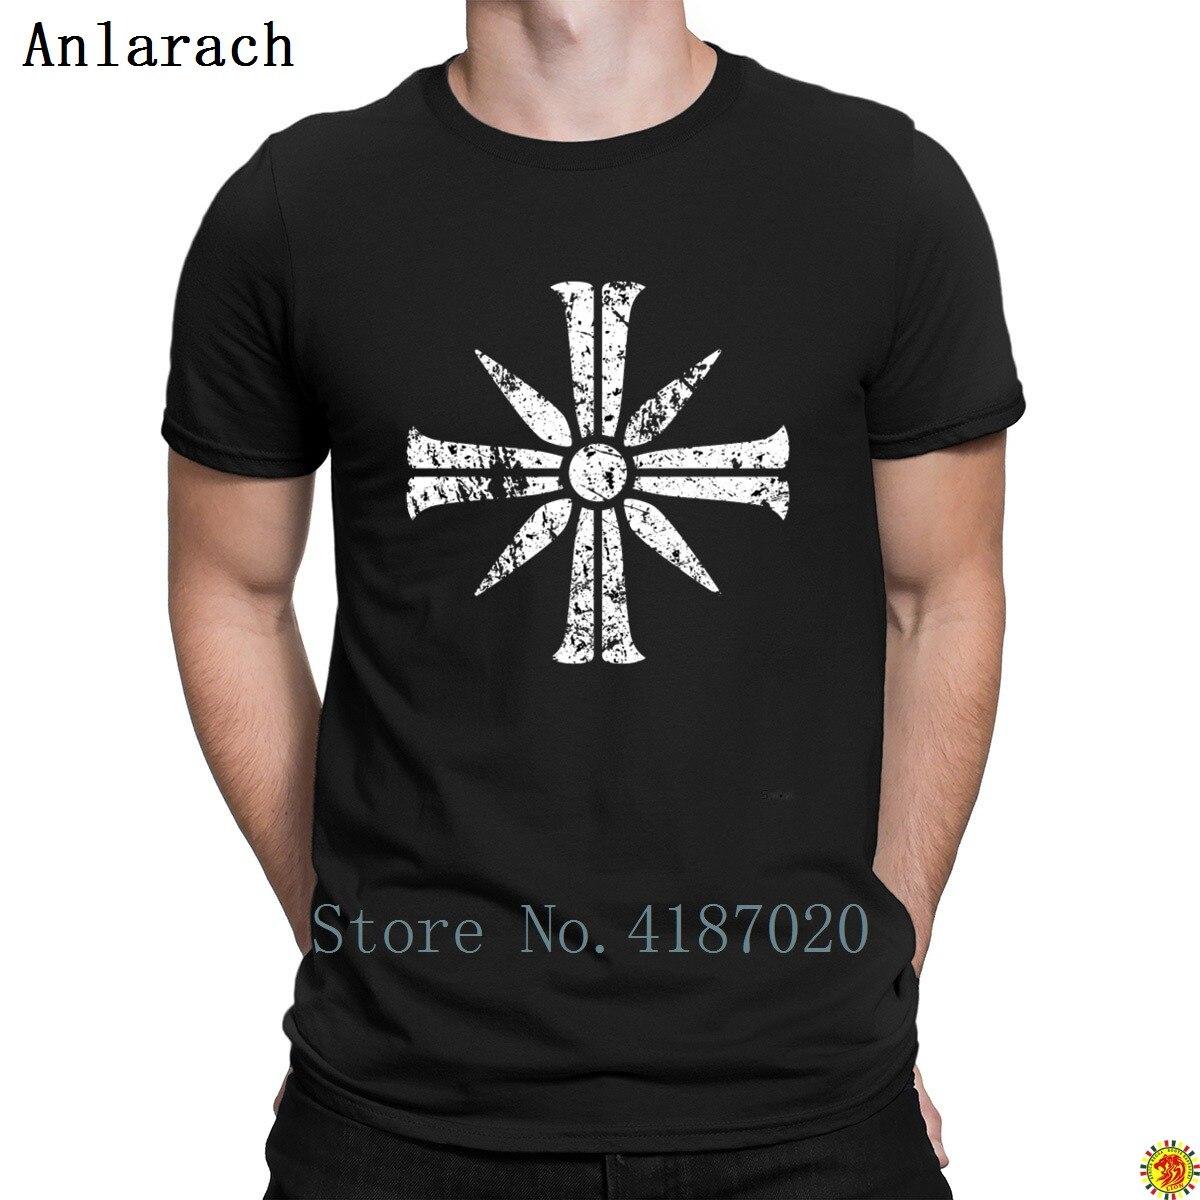 Croce Segno Da Far Cry 5 T-Shirt Idoneità 2018 Elegante Costruzione Tshirt For Men O-Collo Streetwear Tempo Libero Anlarach Personalizzato